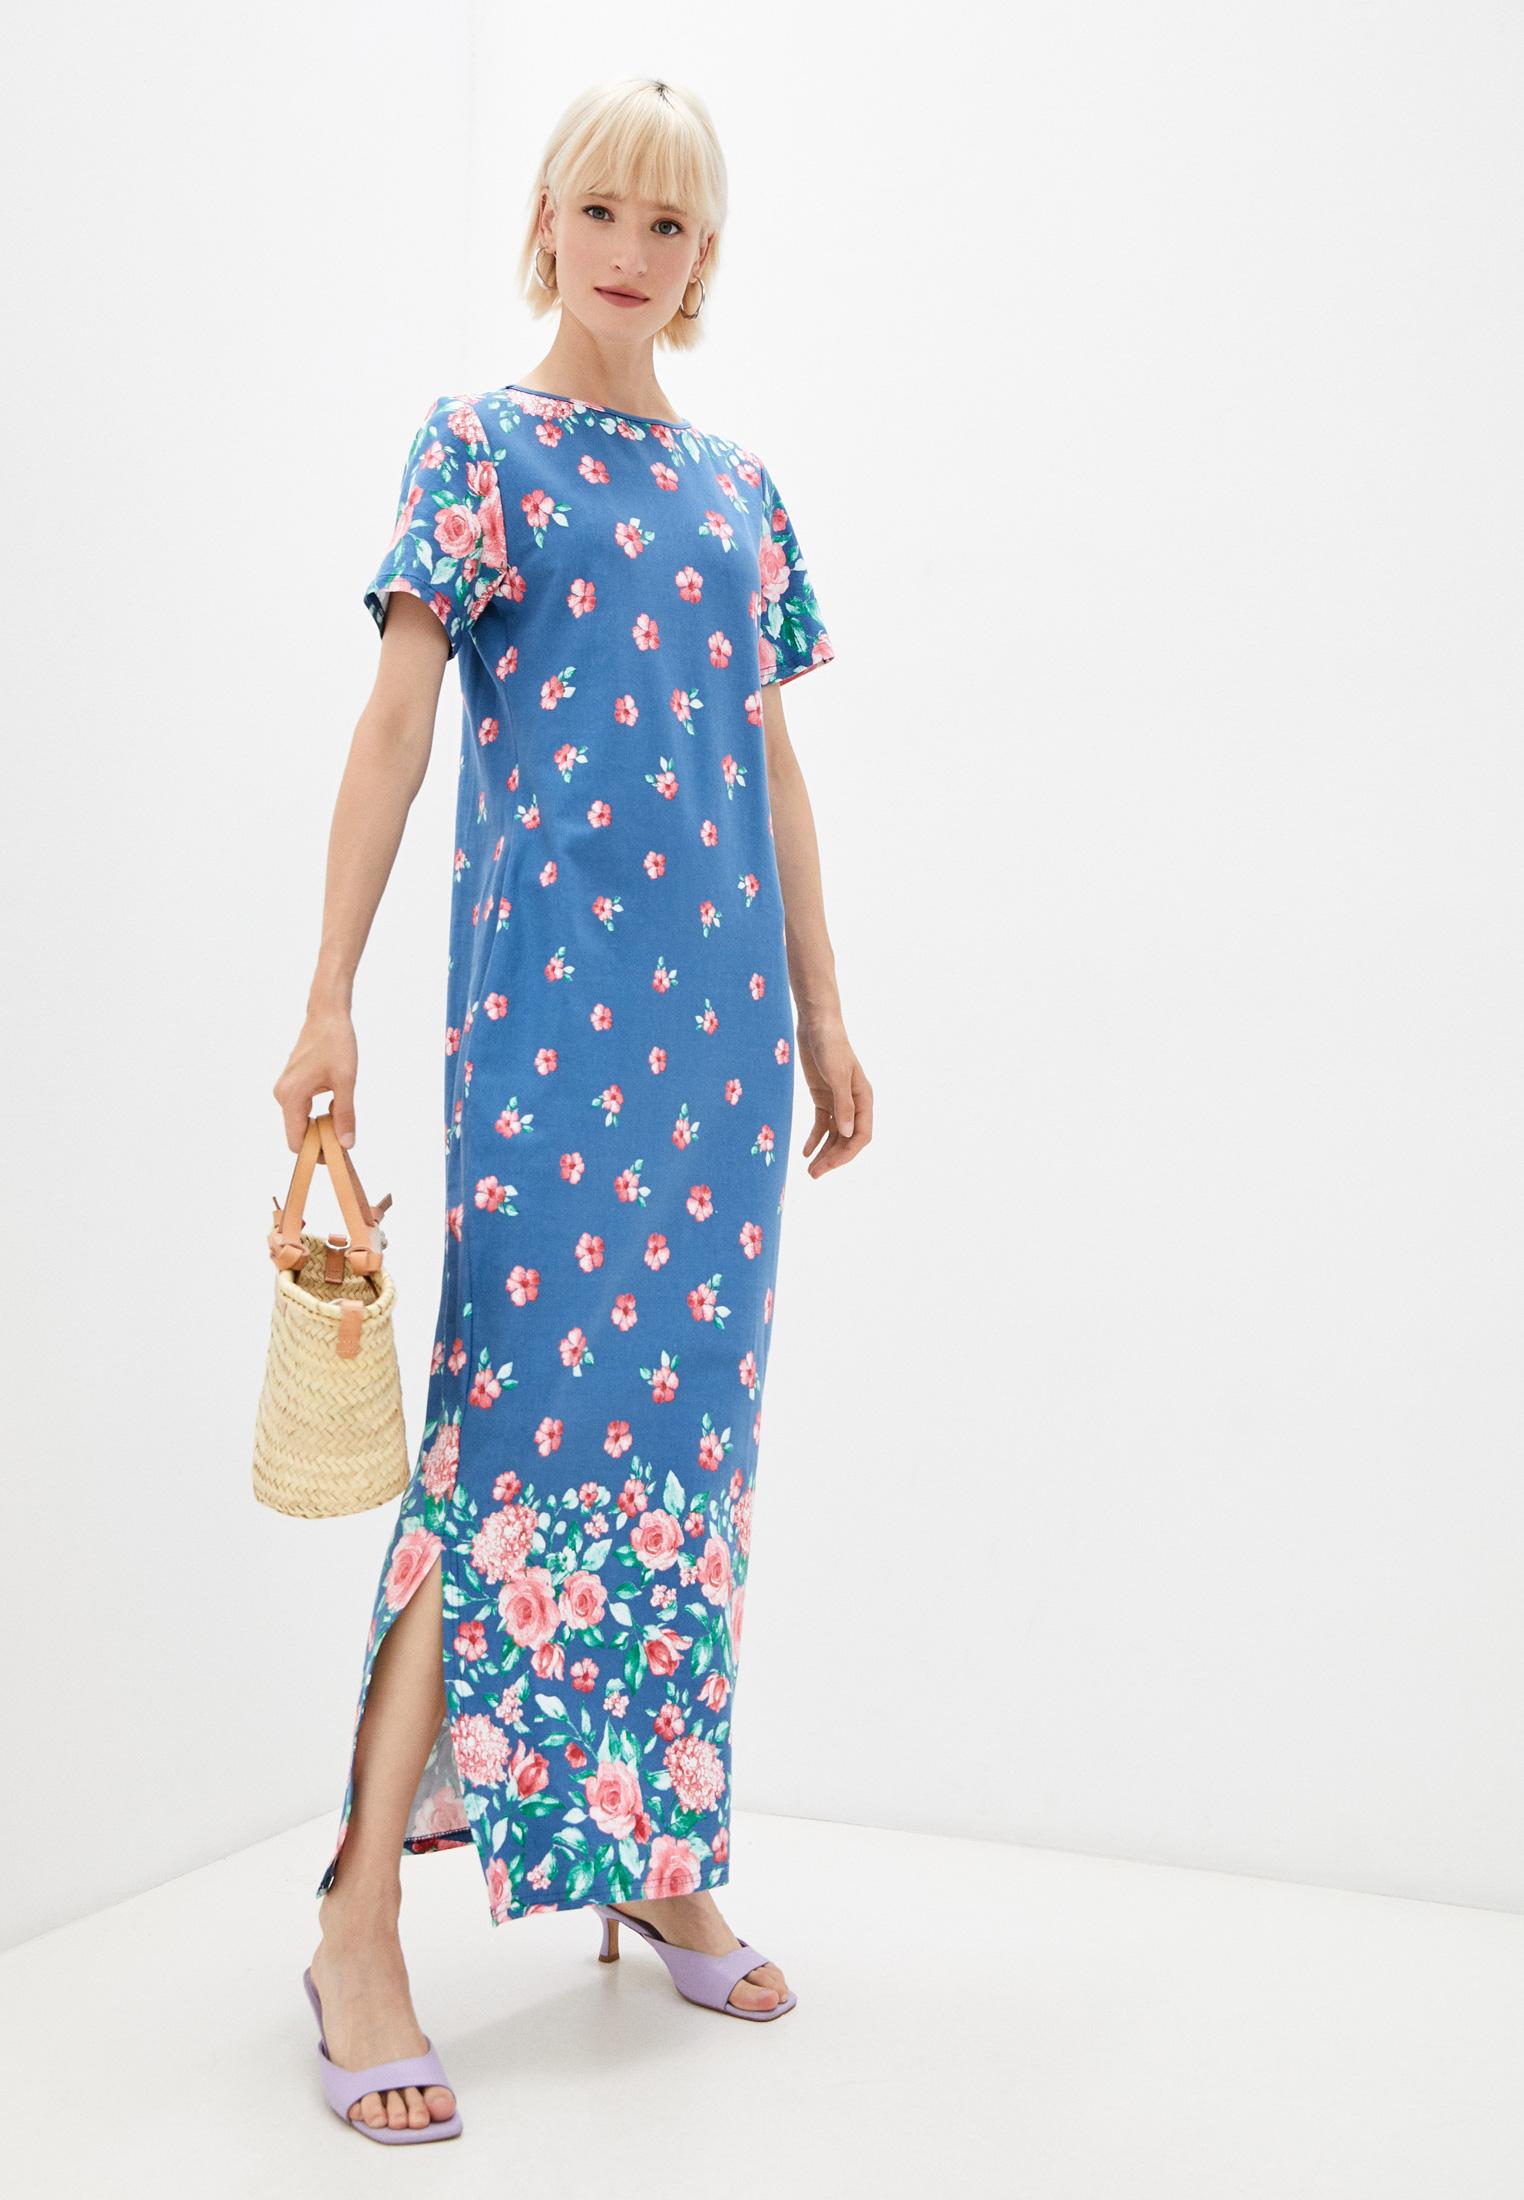 Повседневное платье Toku Tino Платье Toku Tino